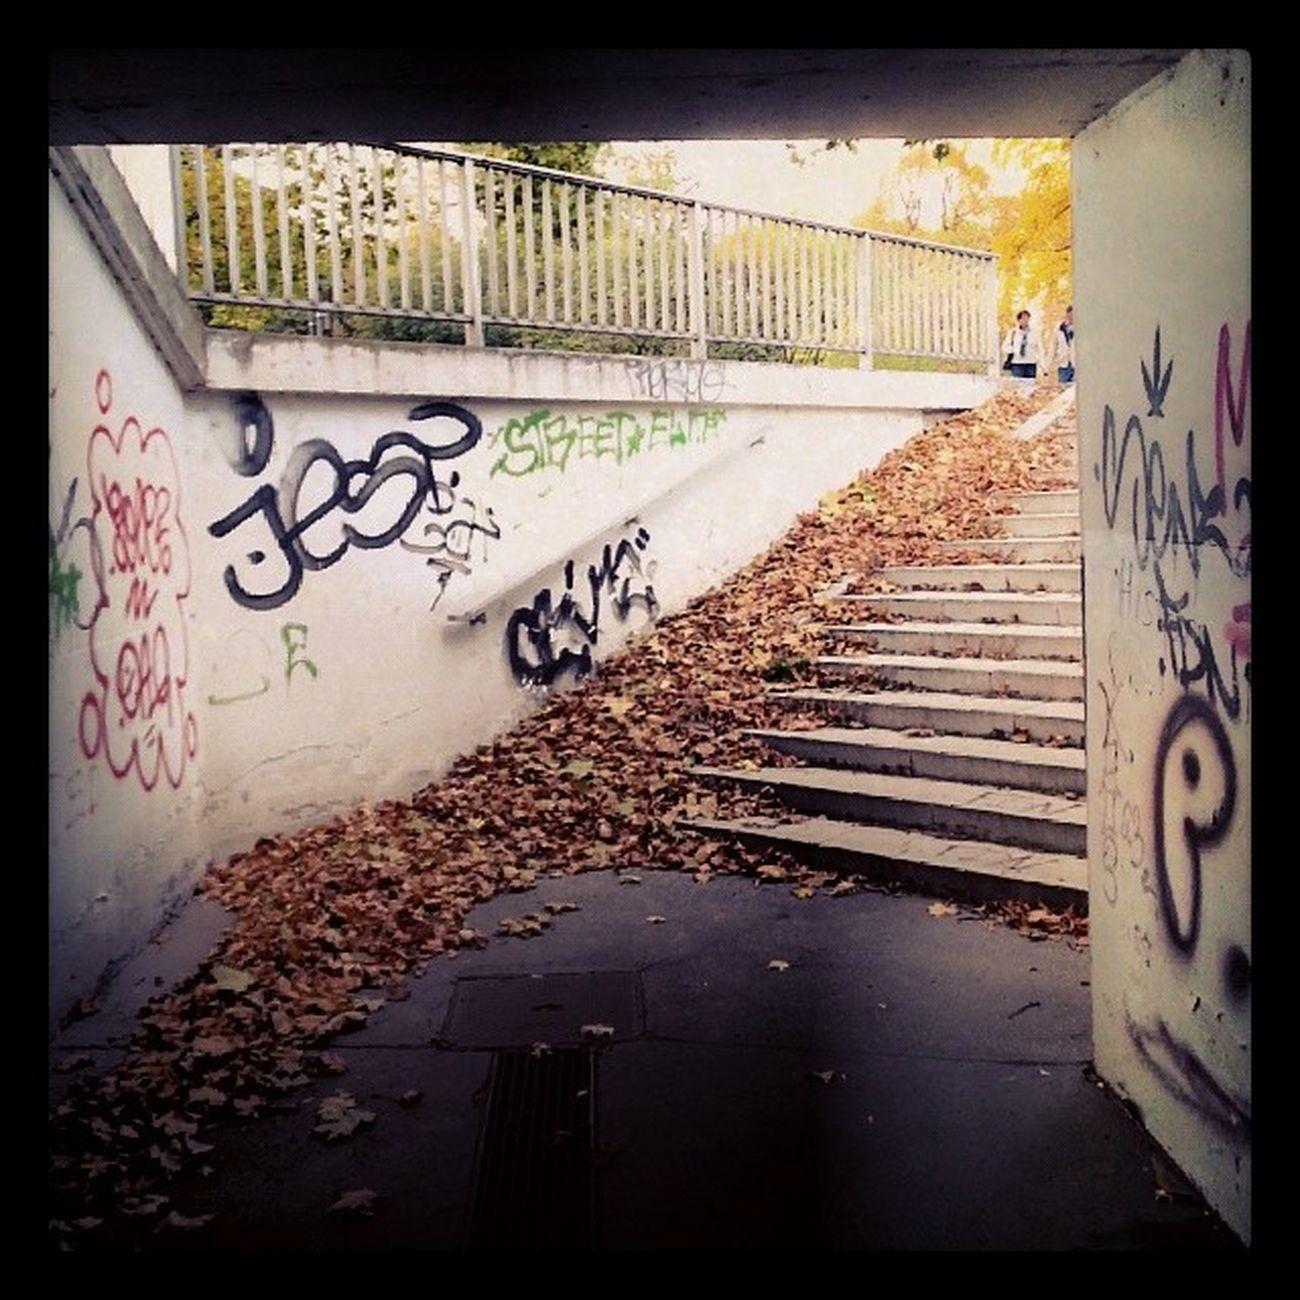 Stairs Graffiti Autumn Leafes subway underpass stadtpark wienerneustadt austria